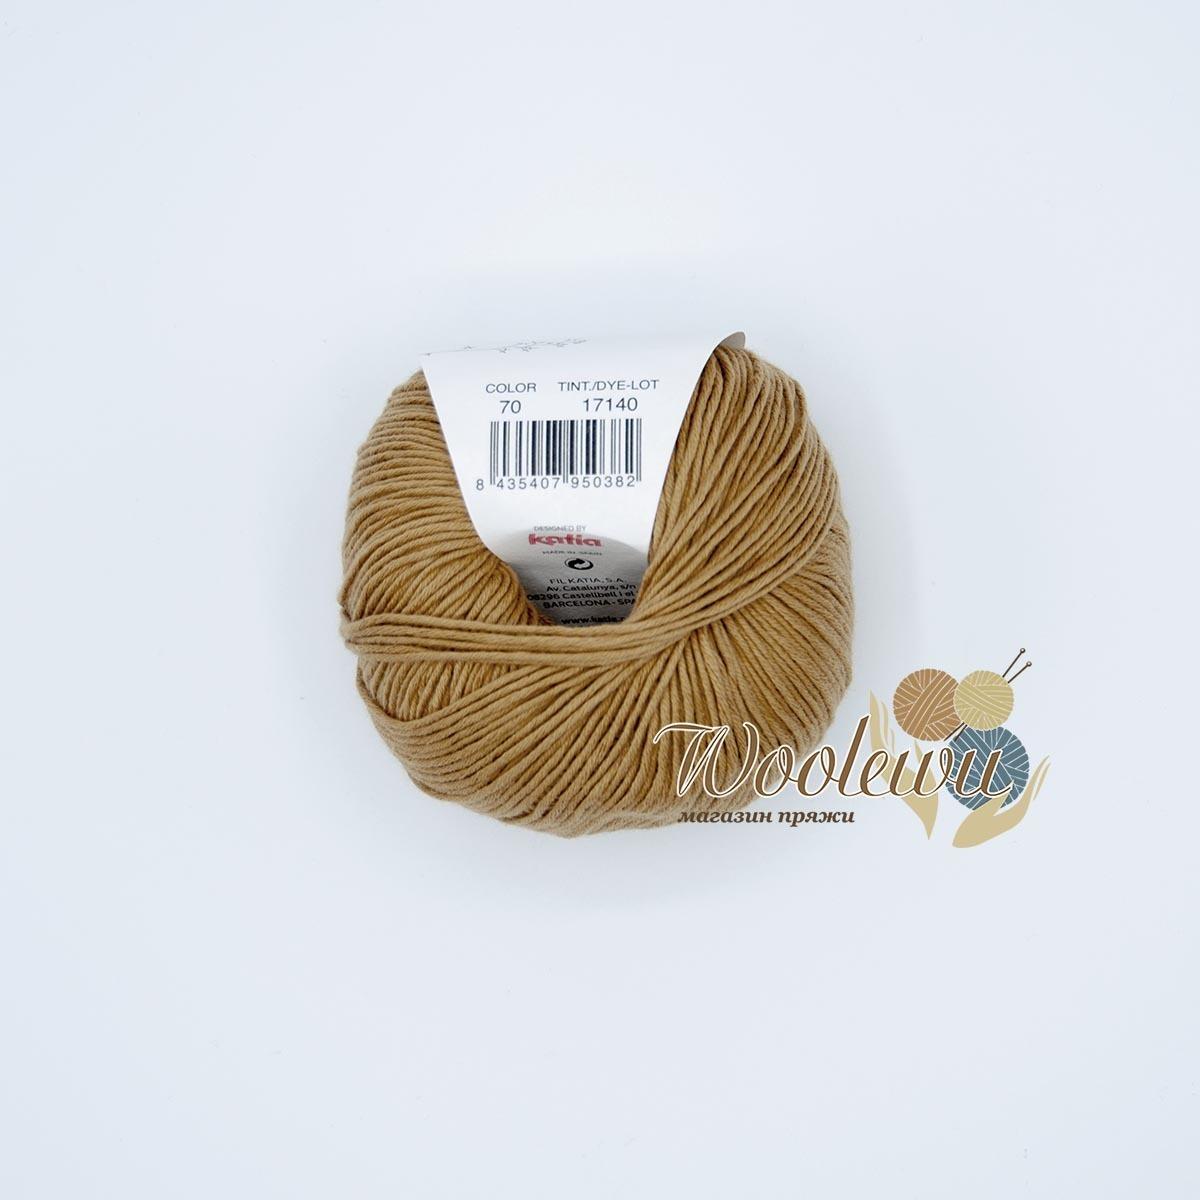 Katia Concept Cotton-Cashmere - 70